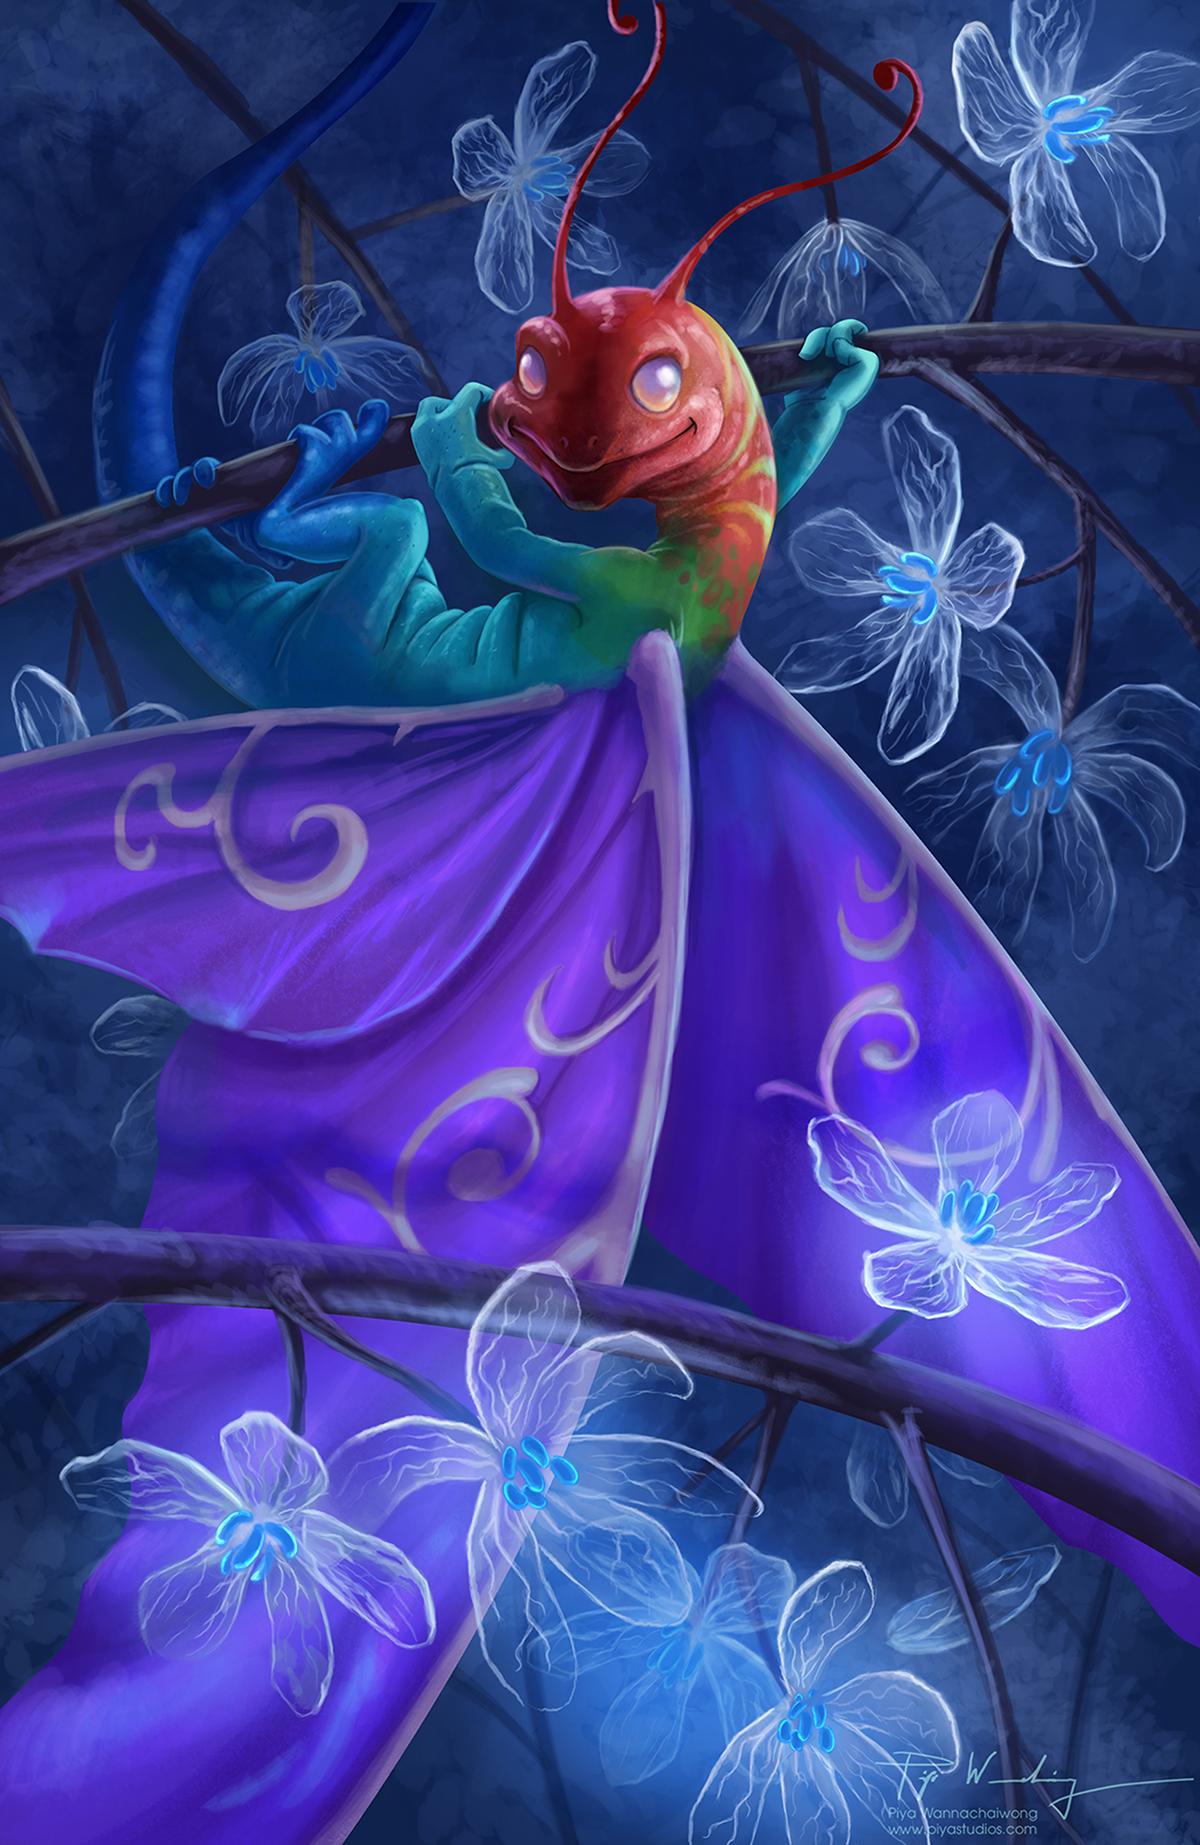 Piya-Wannachaiwong-FairyDragon.jpg